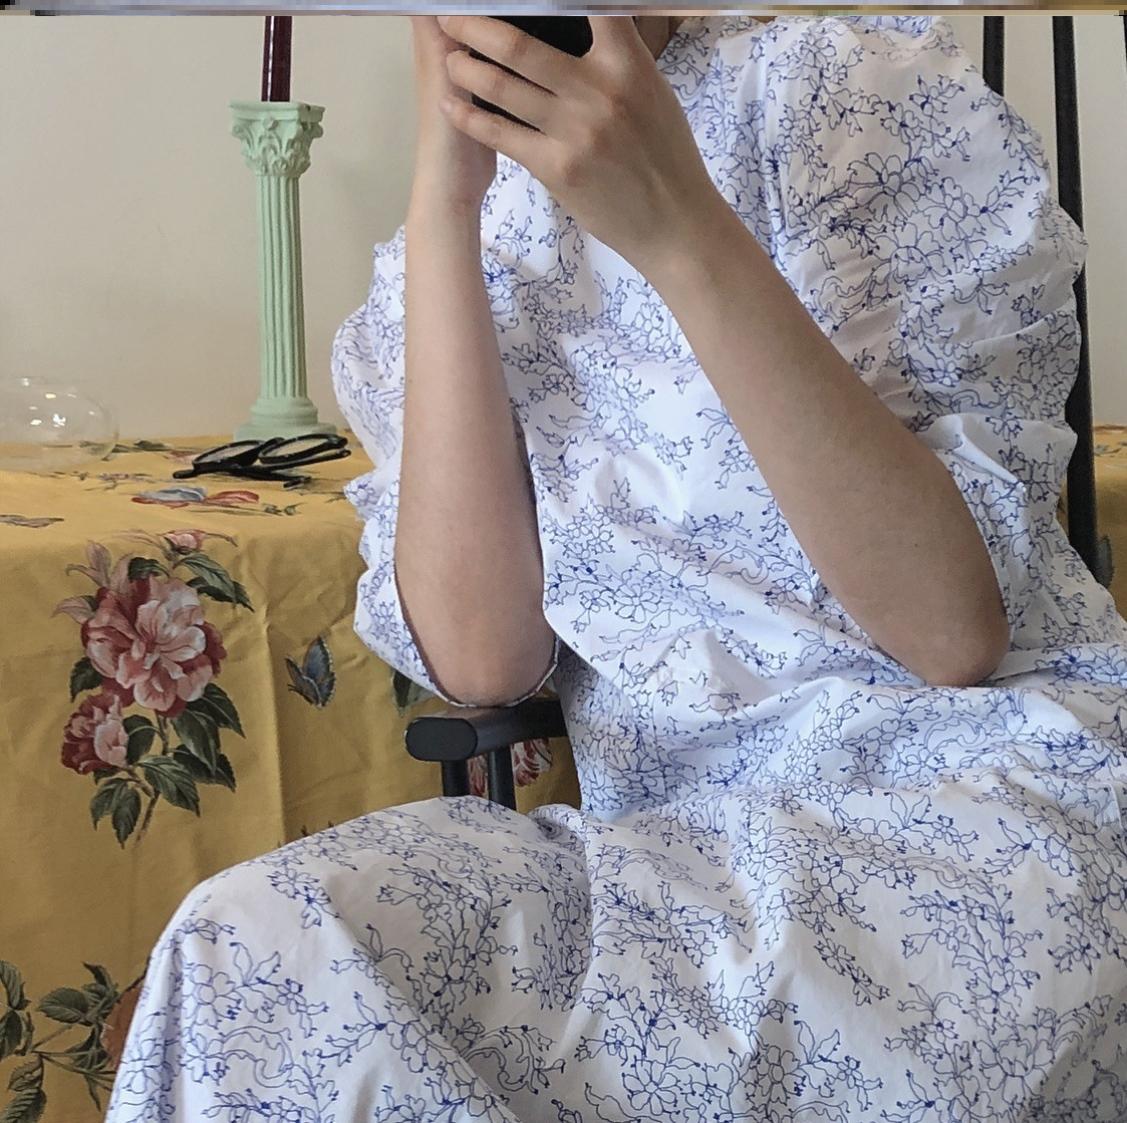 蓝色碎花连衣裙 潮流夏季新韩国复古文艺宫廷蓝色碎花连衣裙泡泡袖度假显瘦长裙女_推荐淘宝好看的蓝色碎花连衣裙